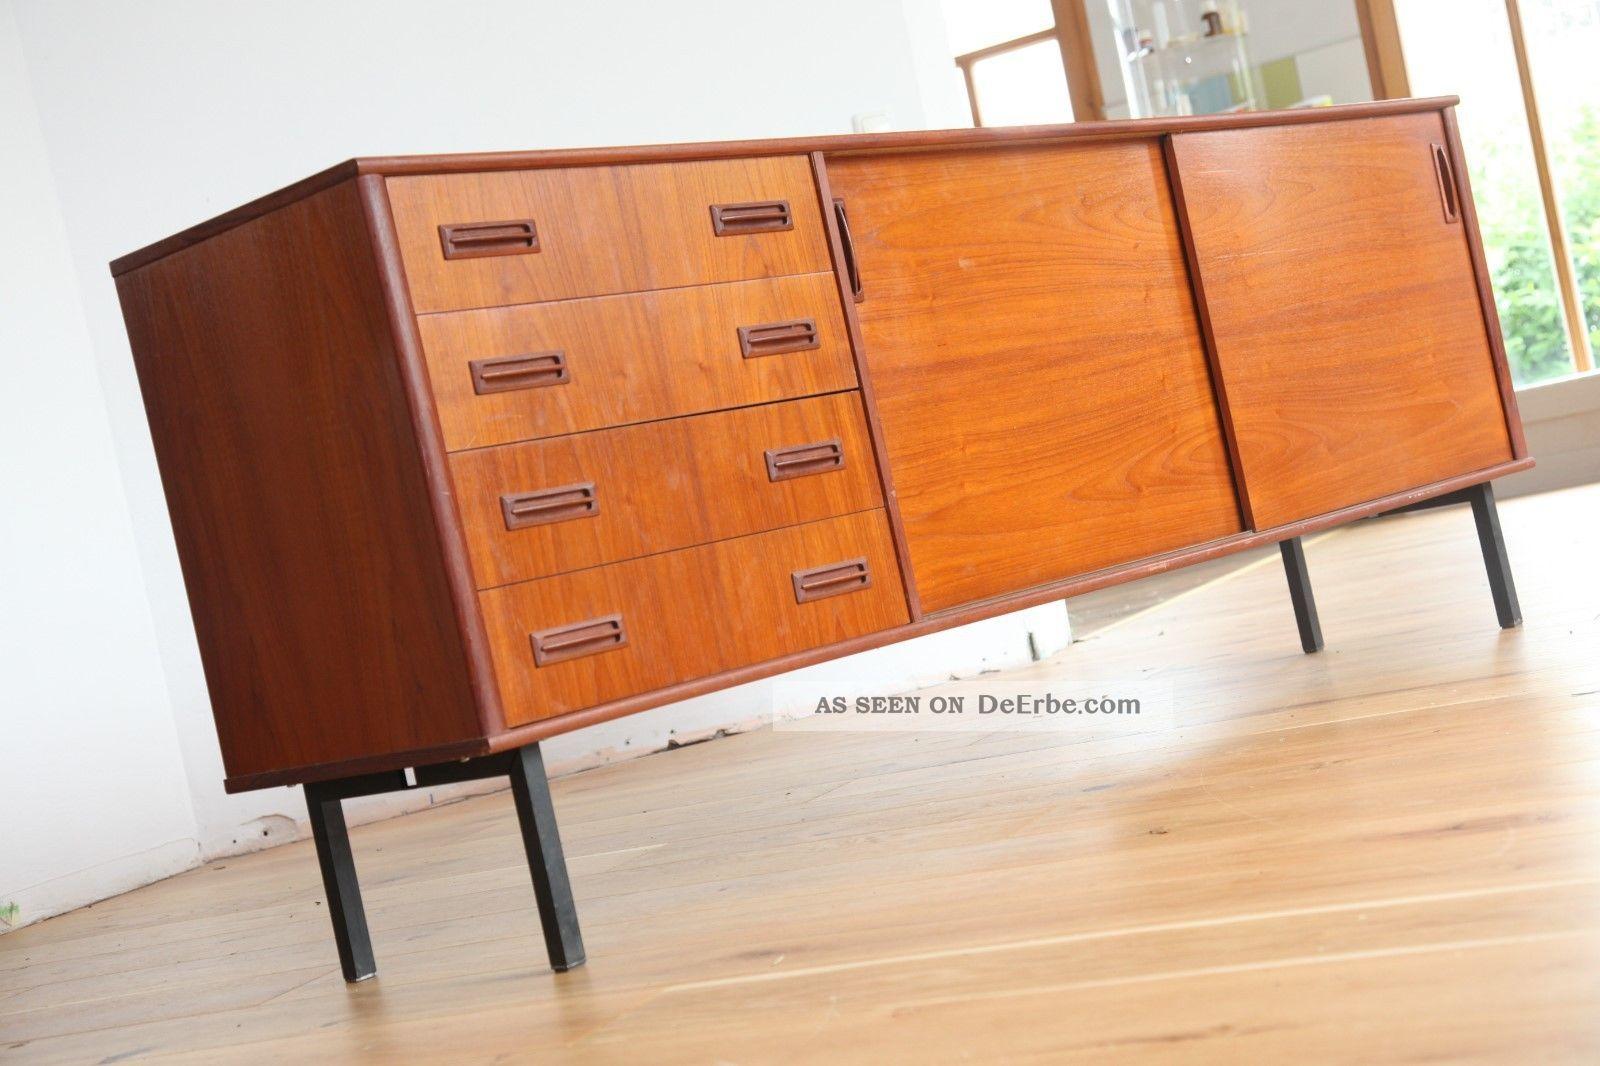 60er 50er danish modern sideboard credenza teak vodder for Sideboard 50er 60er